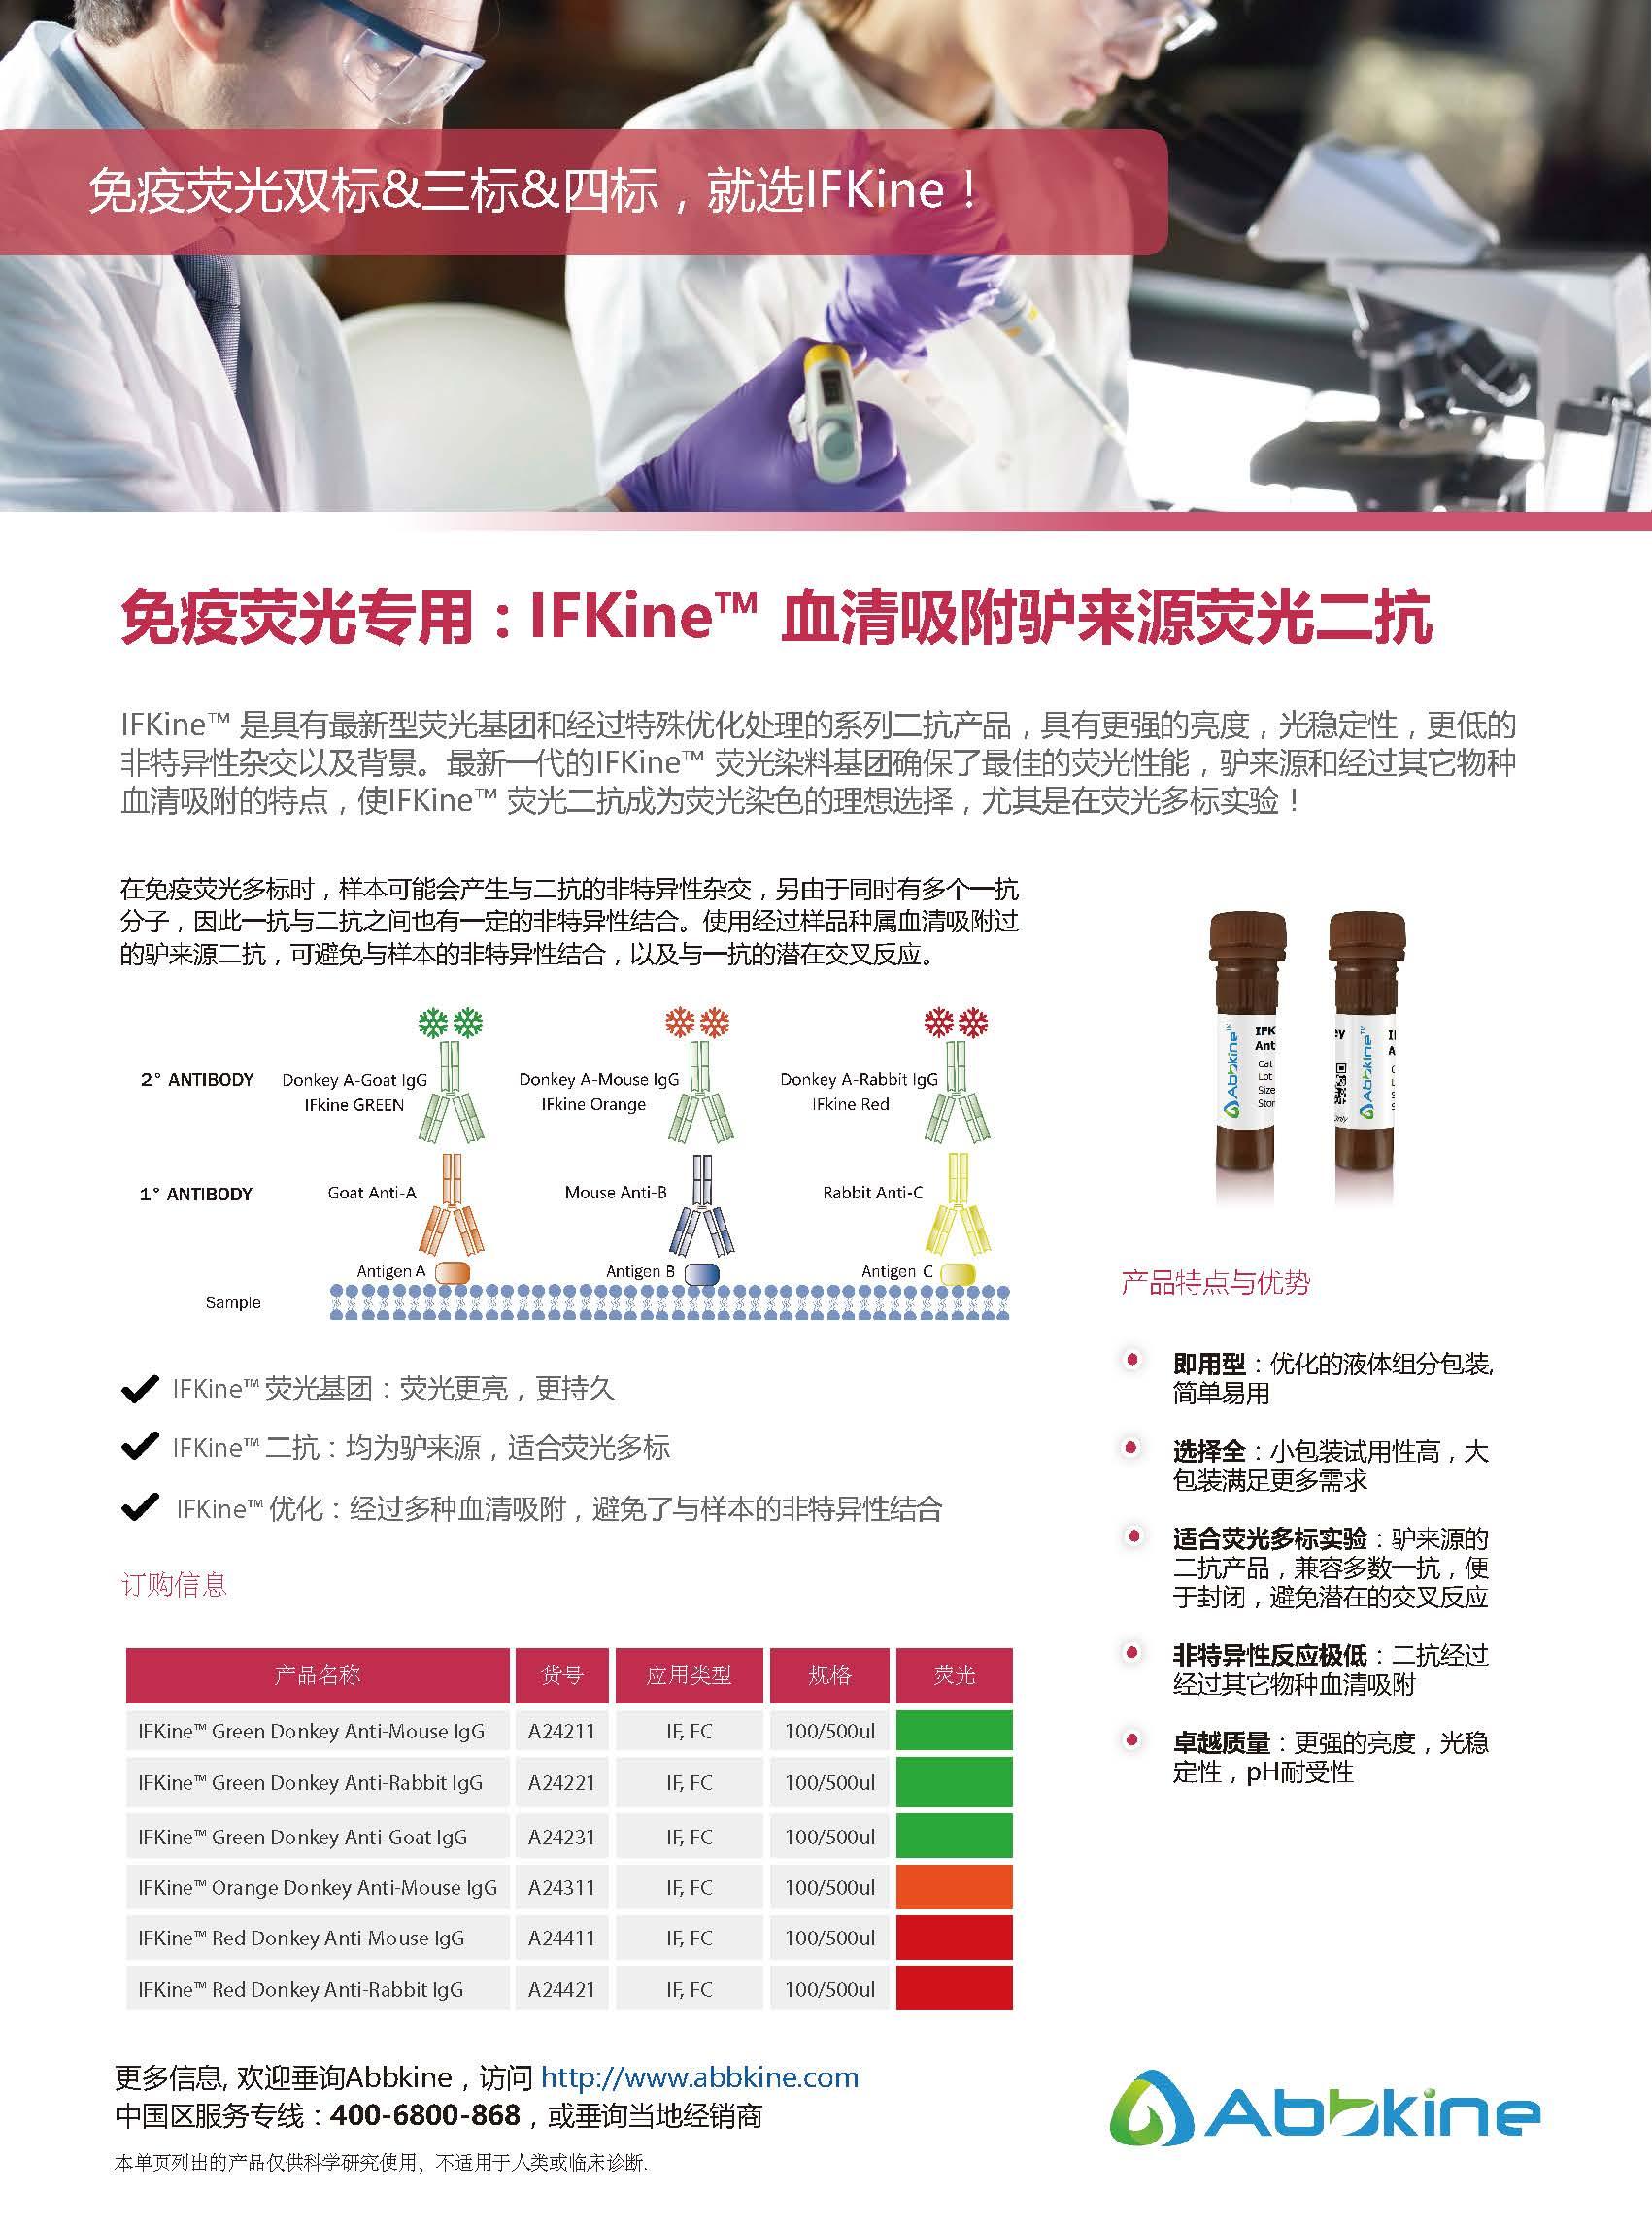 免疫荧光双标&三标&四标-产品手册